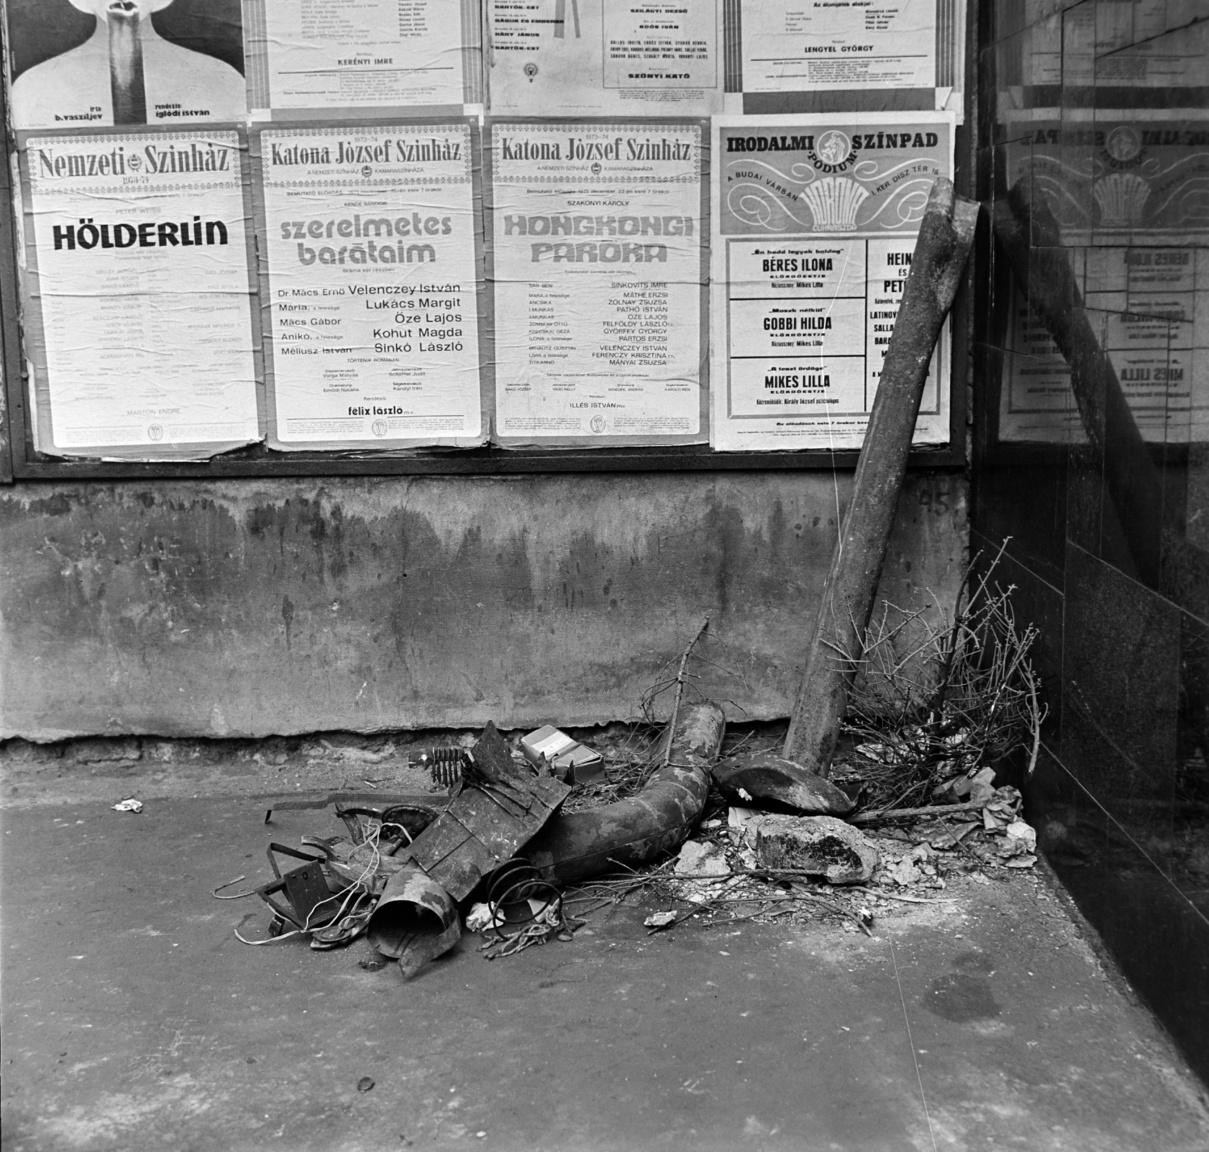 1974. A nemrég elmúlt karácsonyra emlékezik egy megkopaszodott fenyő egy pesti utca zugában. Kopott lefolyócső-darabok mellett gubbasztva a szemetesre vár. Fölötte színházi plakátok, az egyiken a Katona József Színház 1973 december 22-i előadása, Szakonyi Károly: A hongkongi paróka. A korabeli napilap érdekes tényt közöl: a Melléktermék- és Hulladékhasznosító Vállalat, közismertebb nevén a MÉH, nemcsak papírt és fémet, hanem emberi hajat is gyűjtött, igaz, kizárólag exportra, paróka alapanyagnak. Évente 240 tonna emberhajat exportáltunk külföldre ezekben az években.